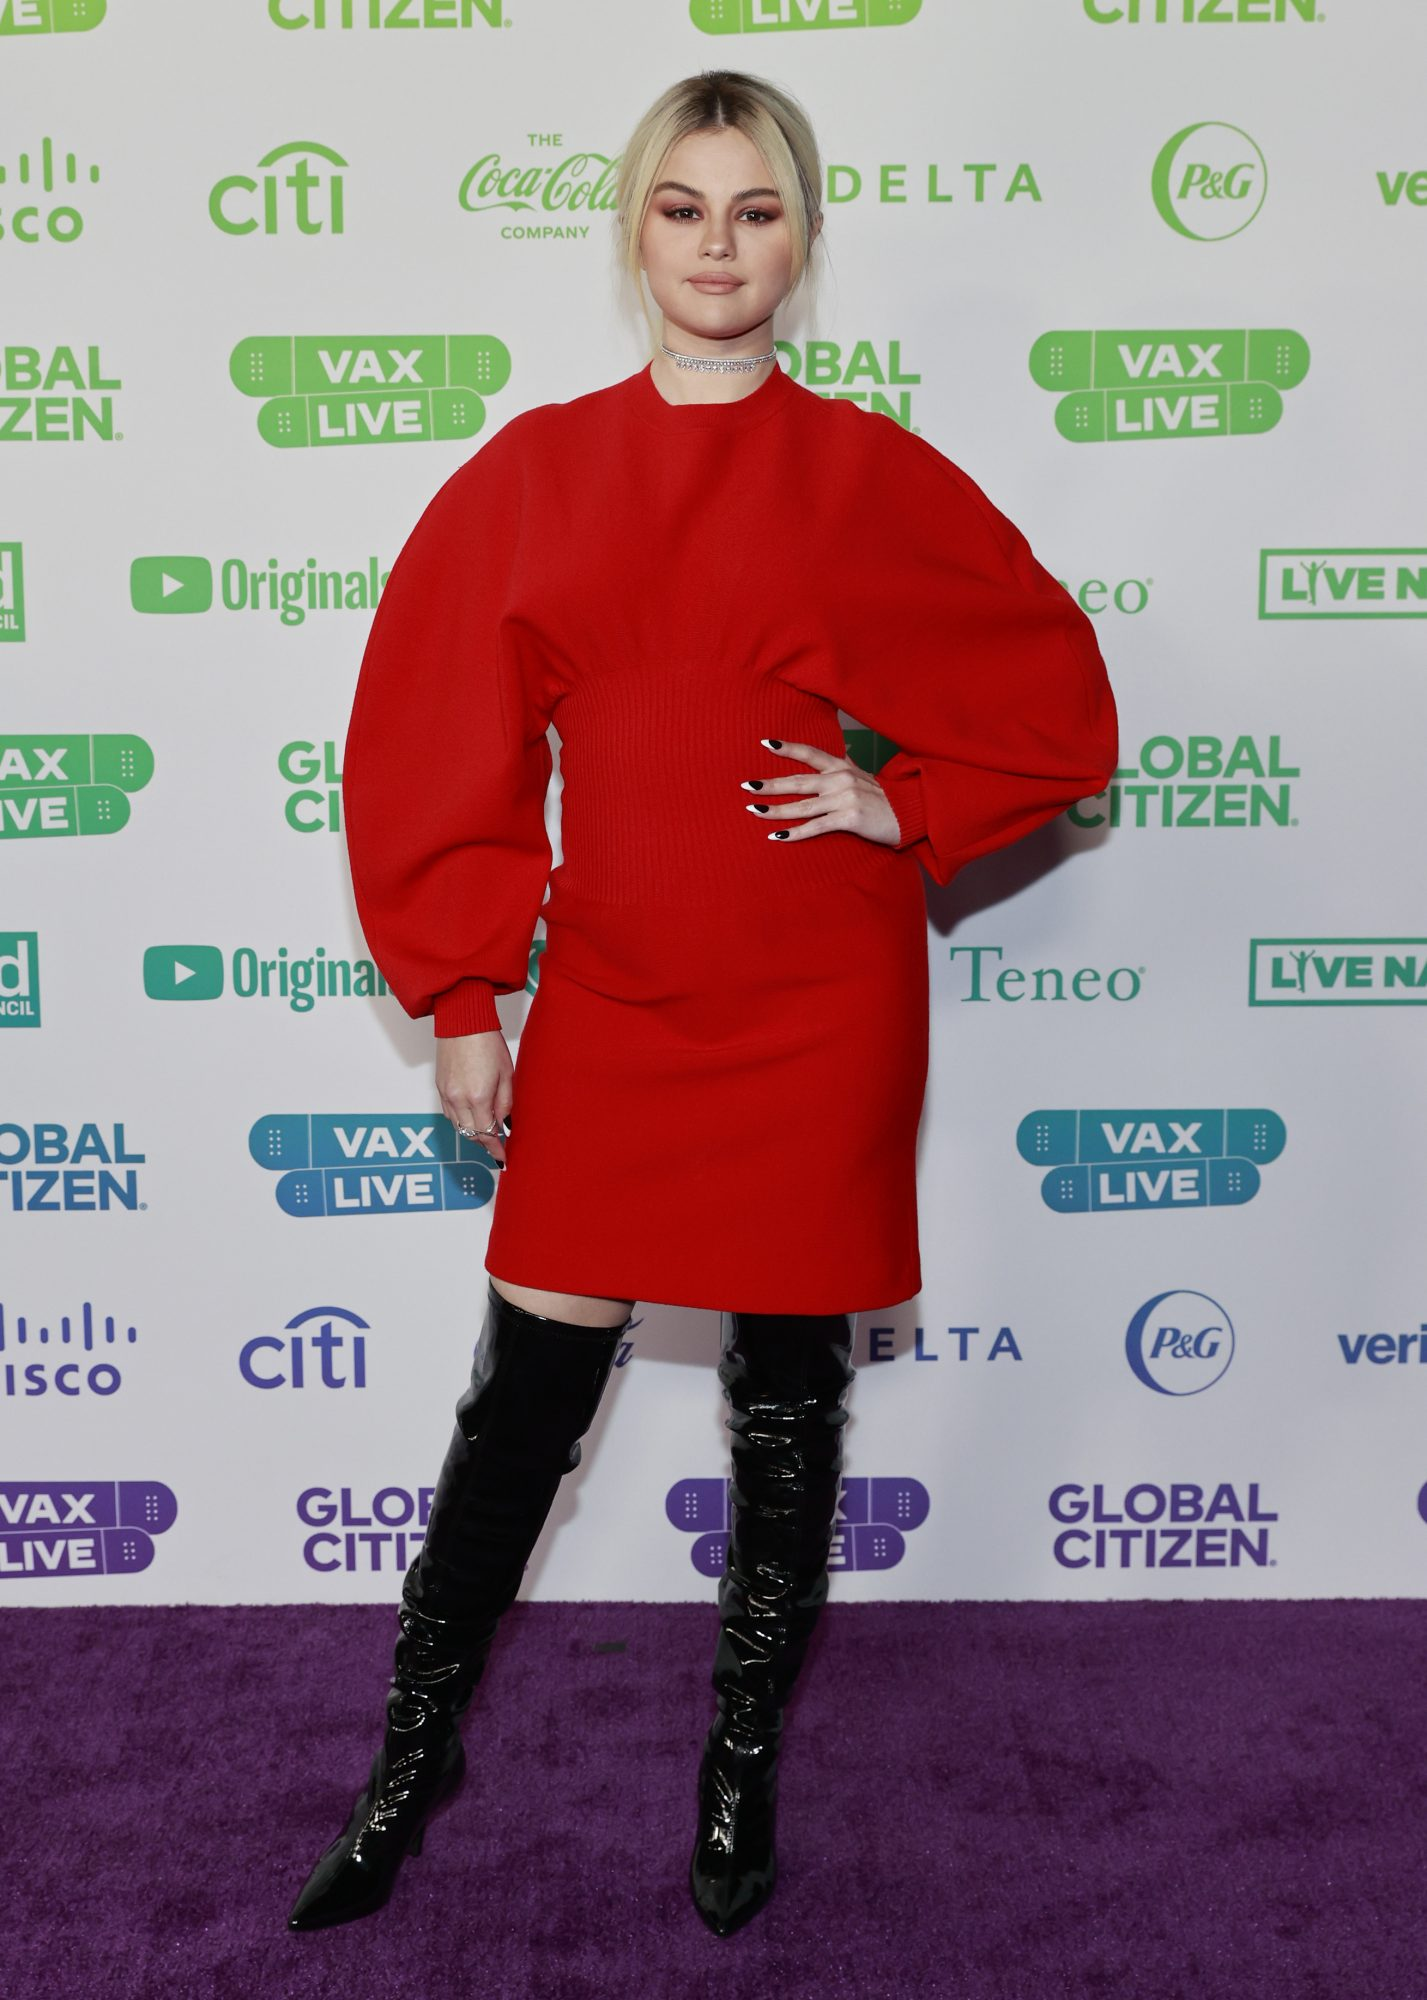 selena gomez, look del dia, vestido rojo, botas negras